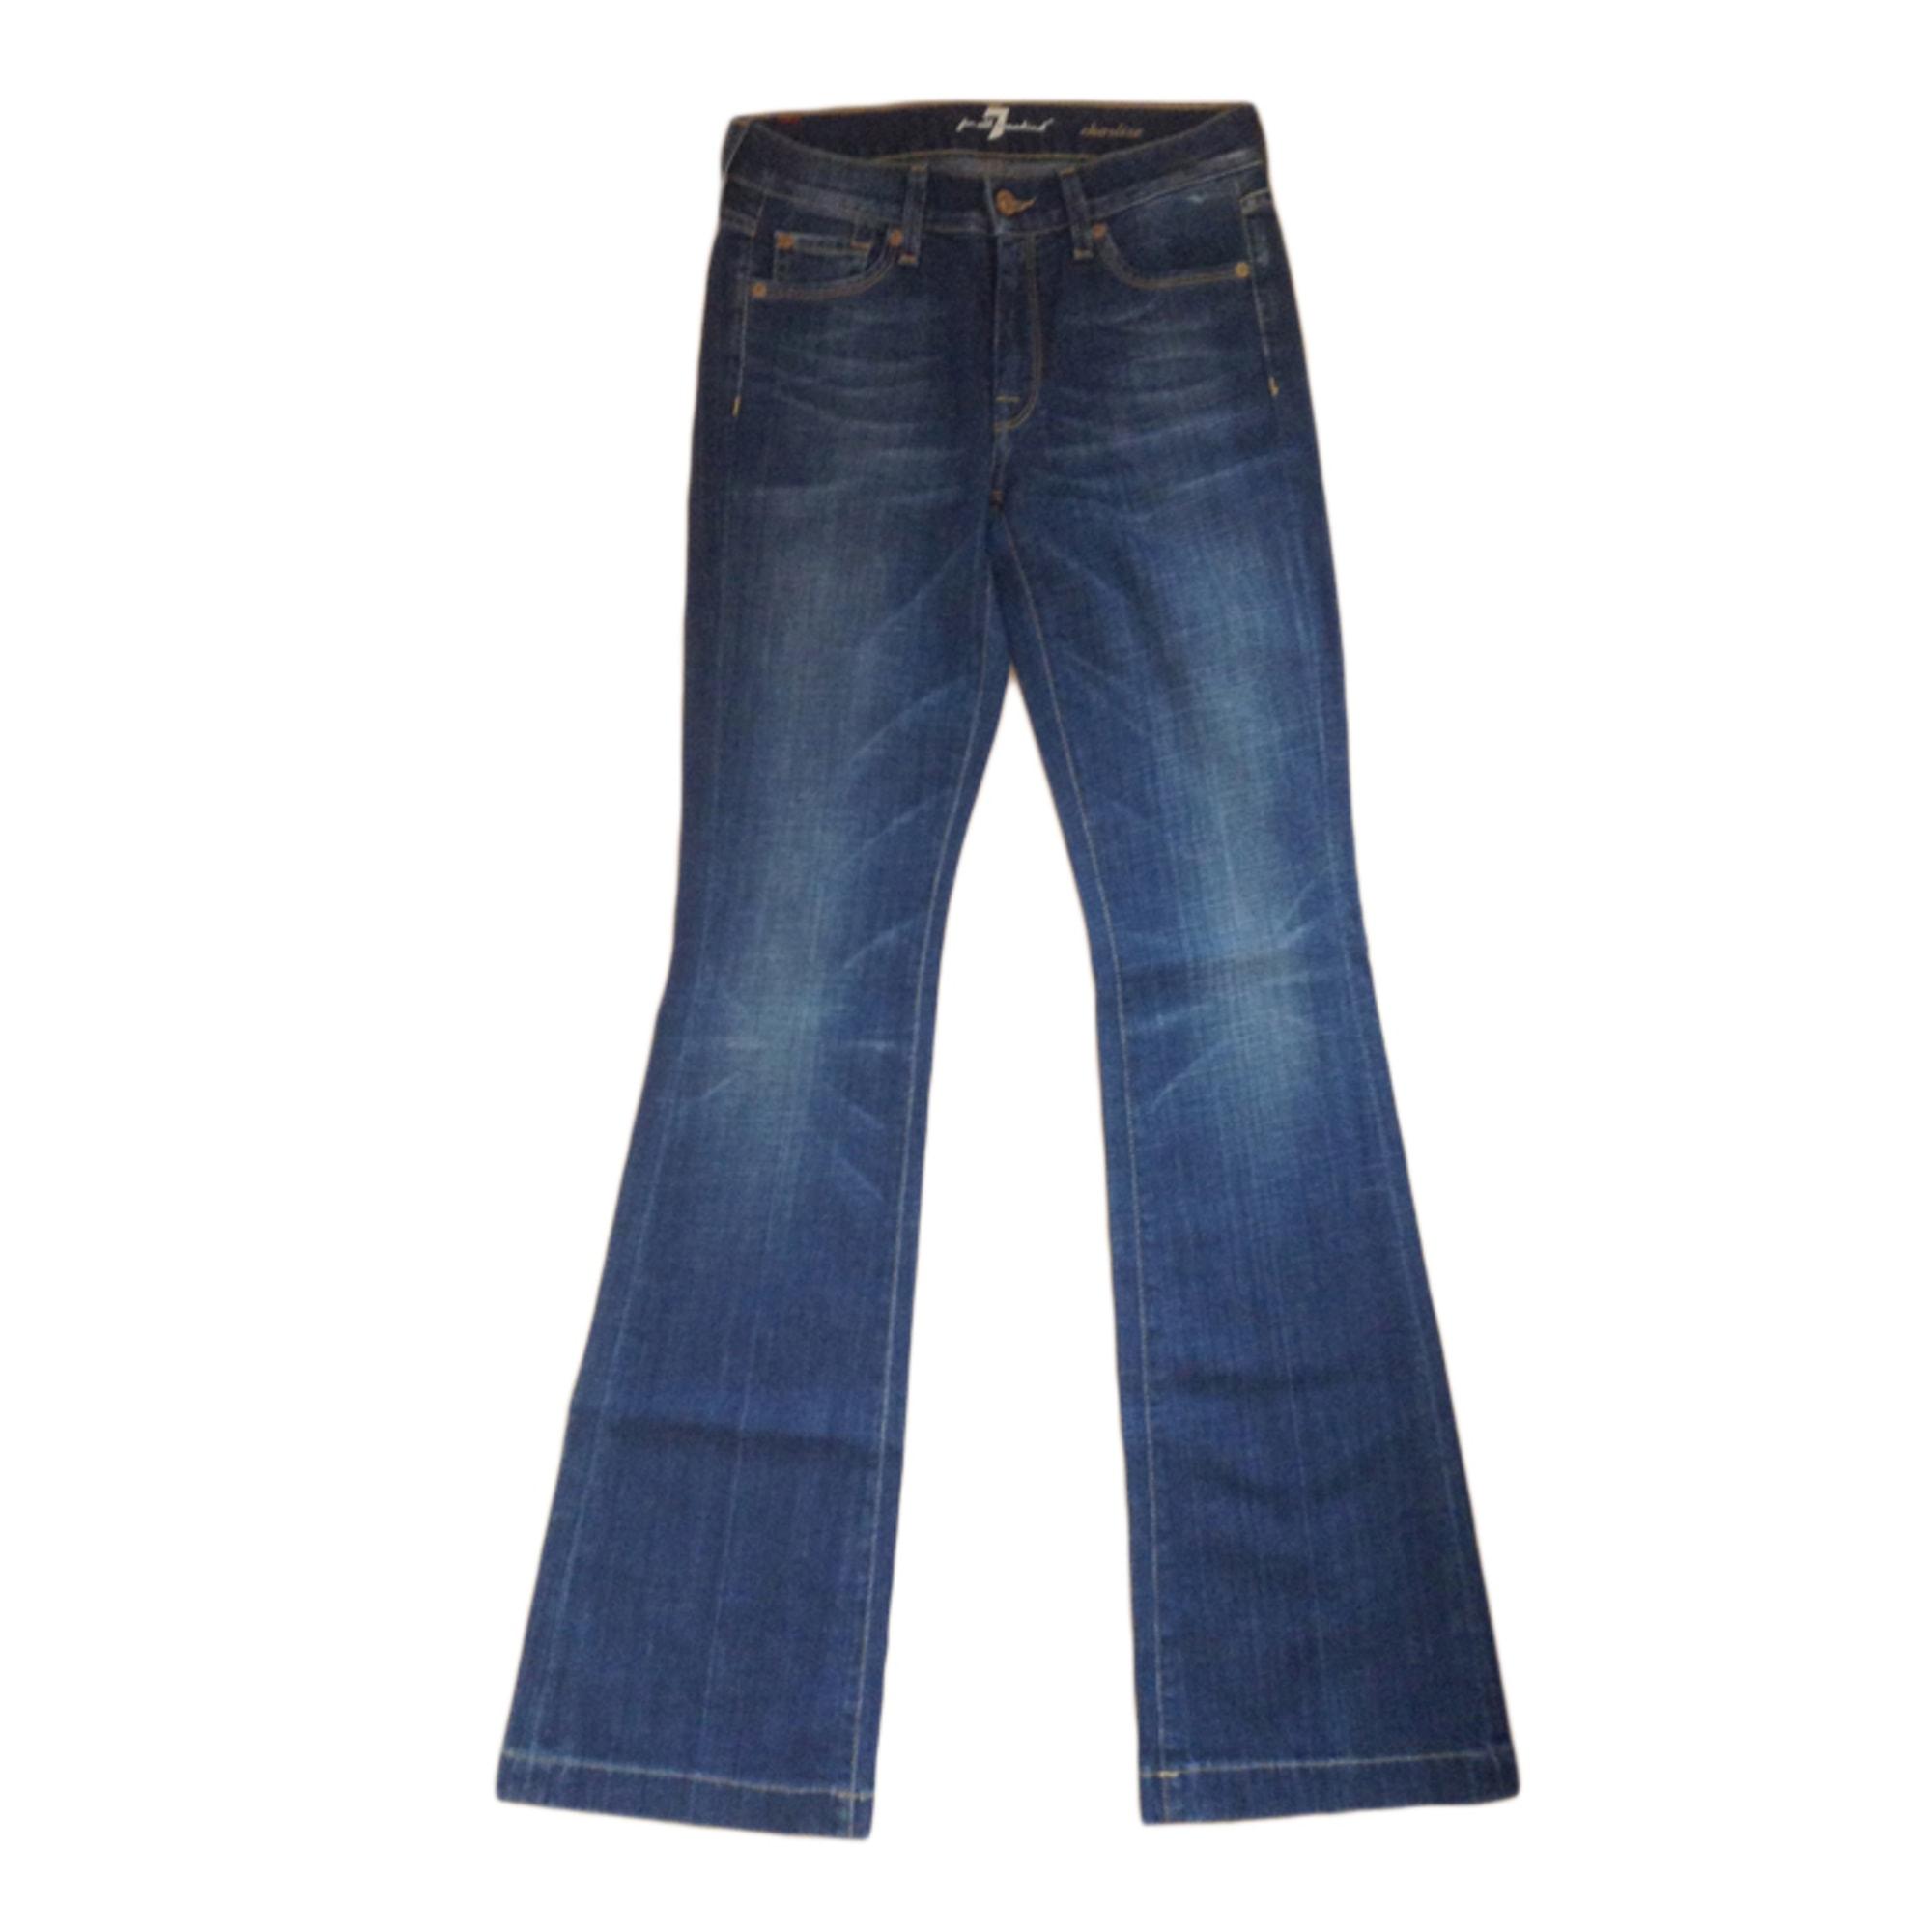 Jeans très evasé, patte d'éléphant 7 FOR ALL MANKIND Bleu, bleu marine, bleu turquoise